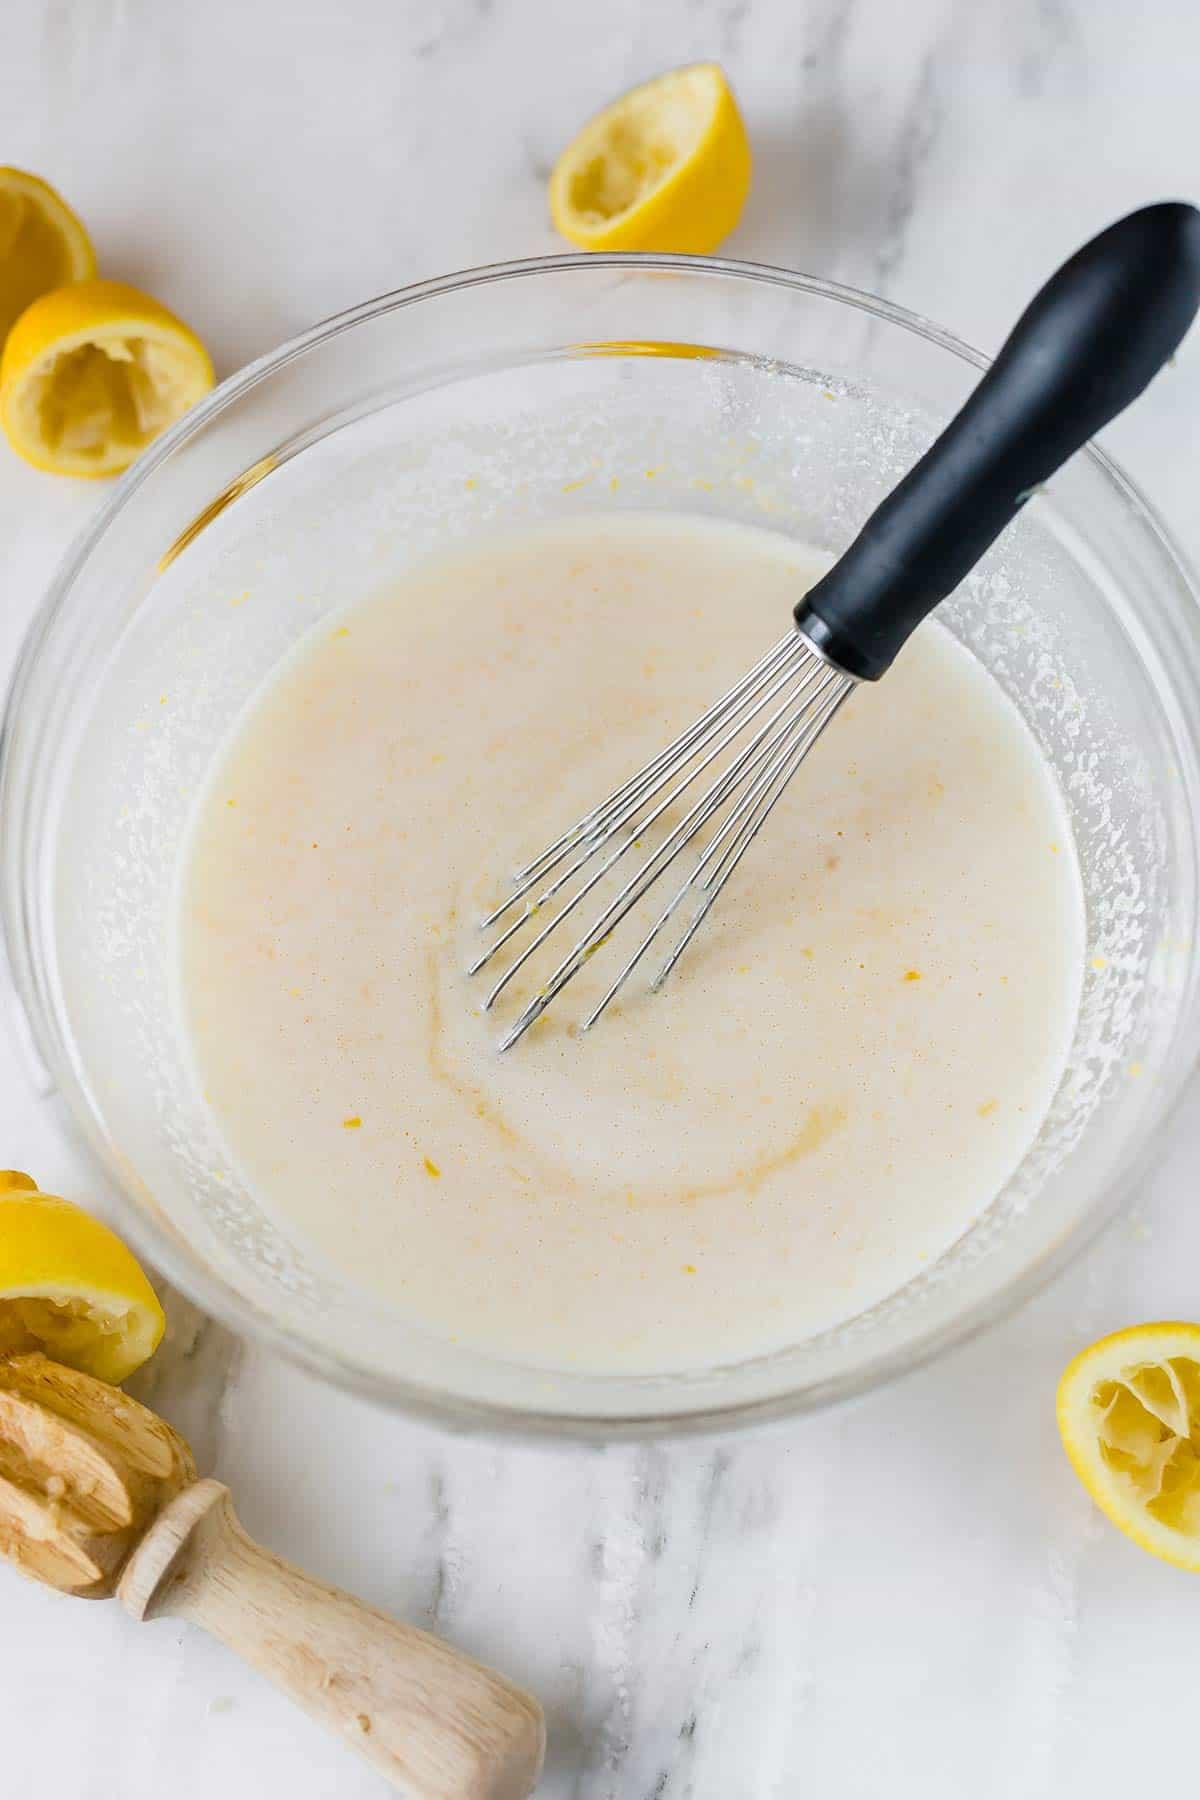 Filling for lemon bars whisked together in a bowl.